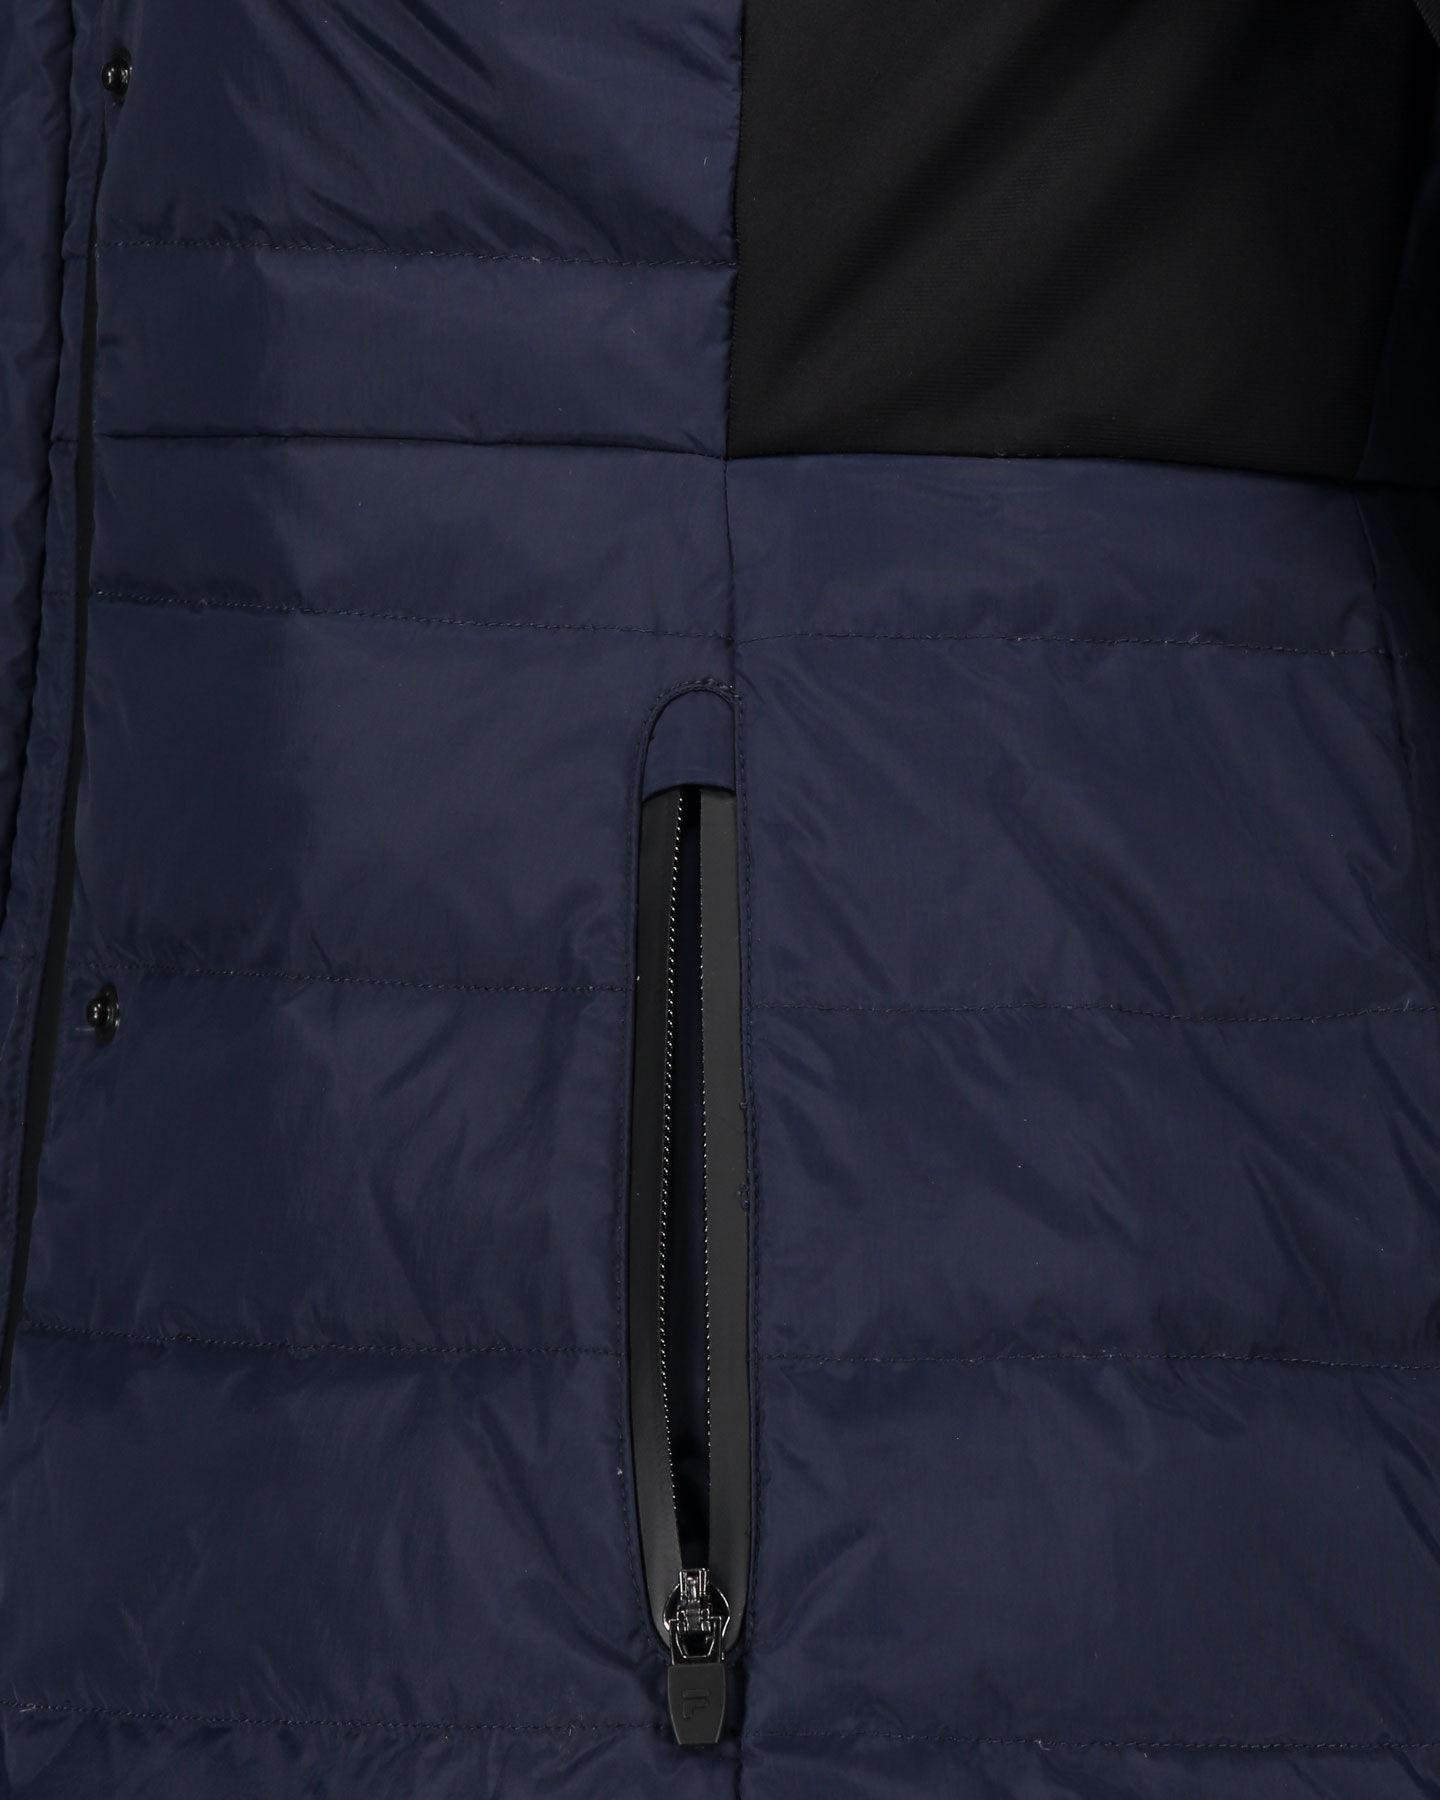 Giacca sci FILA POCKET JACKET W S4034211 scatto 4